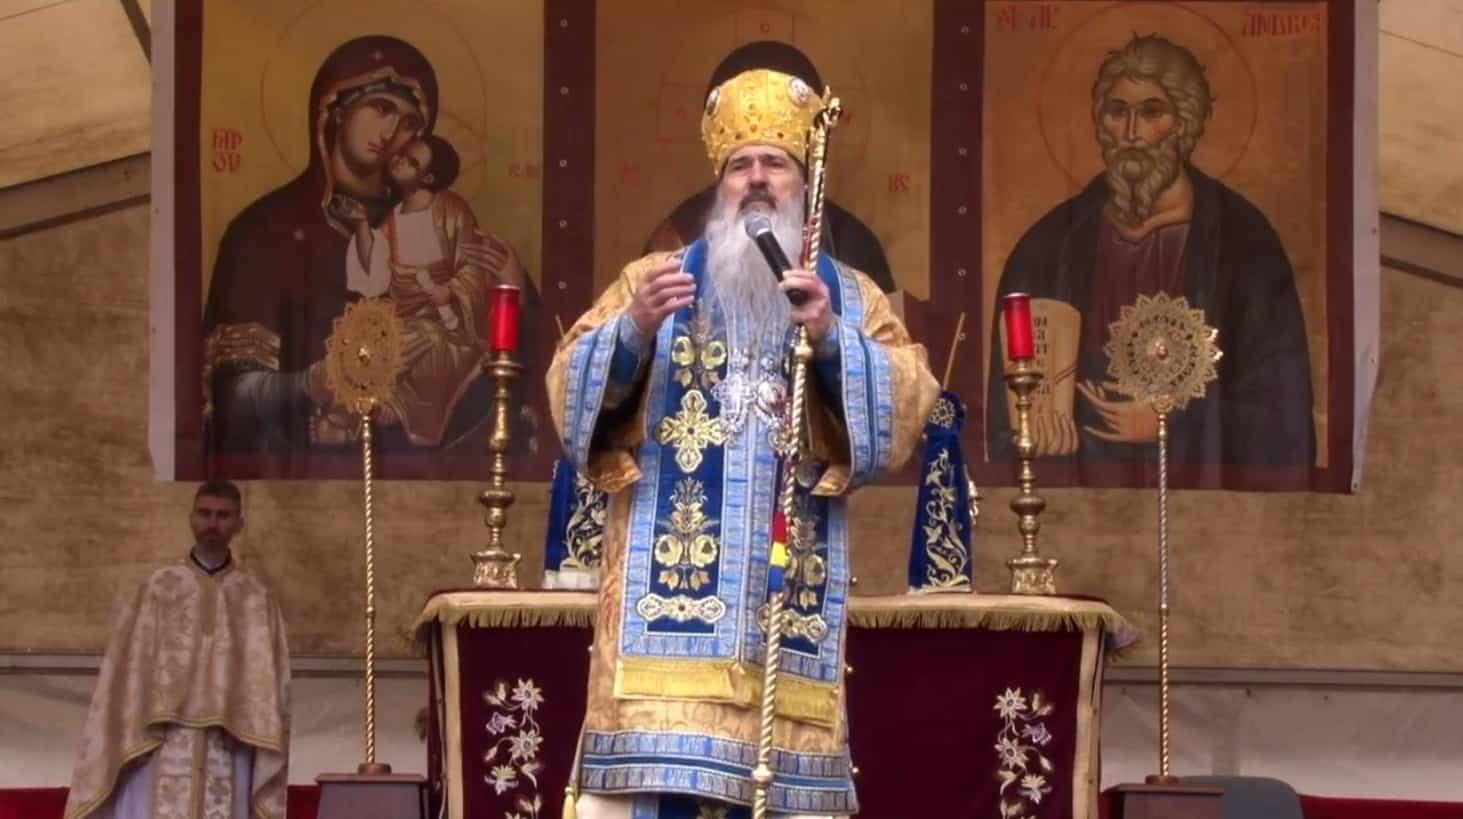 """""""Tovarăși guvernanți, sunteți niște comuniști!"""" ÎPS Teodosie – Vrednic este! La Mulți Ani de Sfântul Andrei, Apostolul Neamului. Să nu uităm: Dumnezeu nu se lasă batjocorit!"""